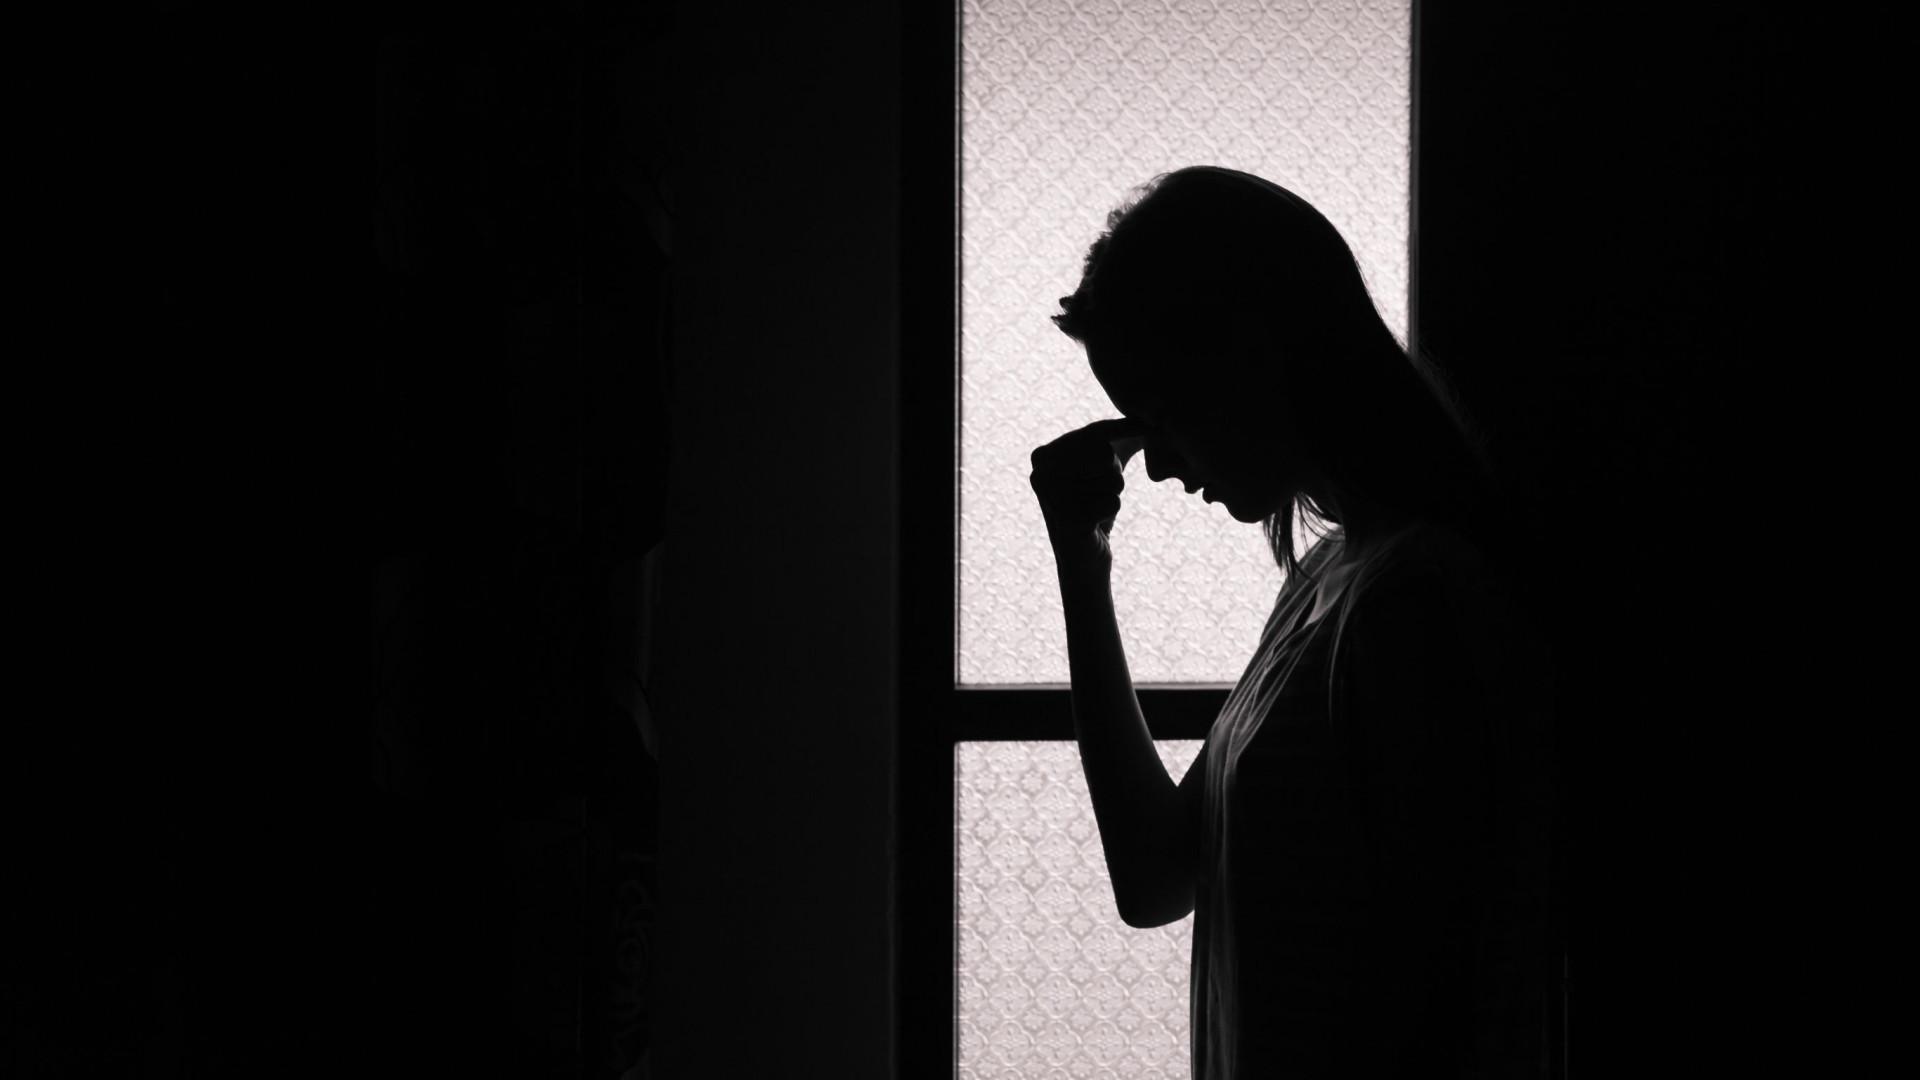 Depressão e ansiedade podem causar dores crônicas, diz OMS